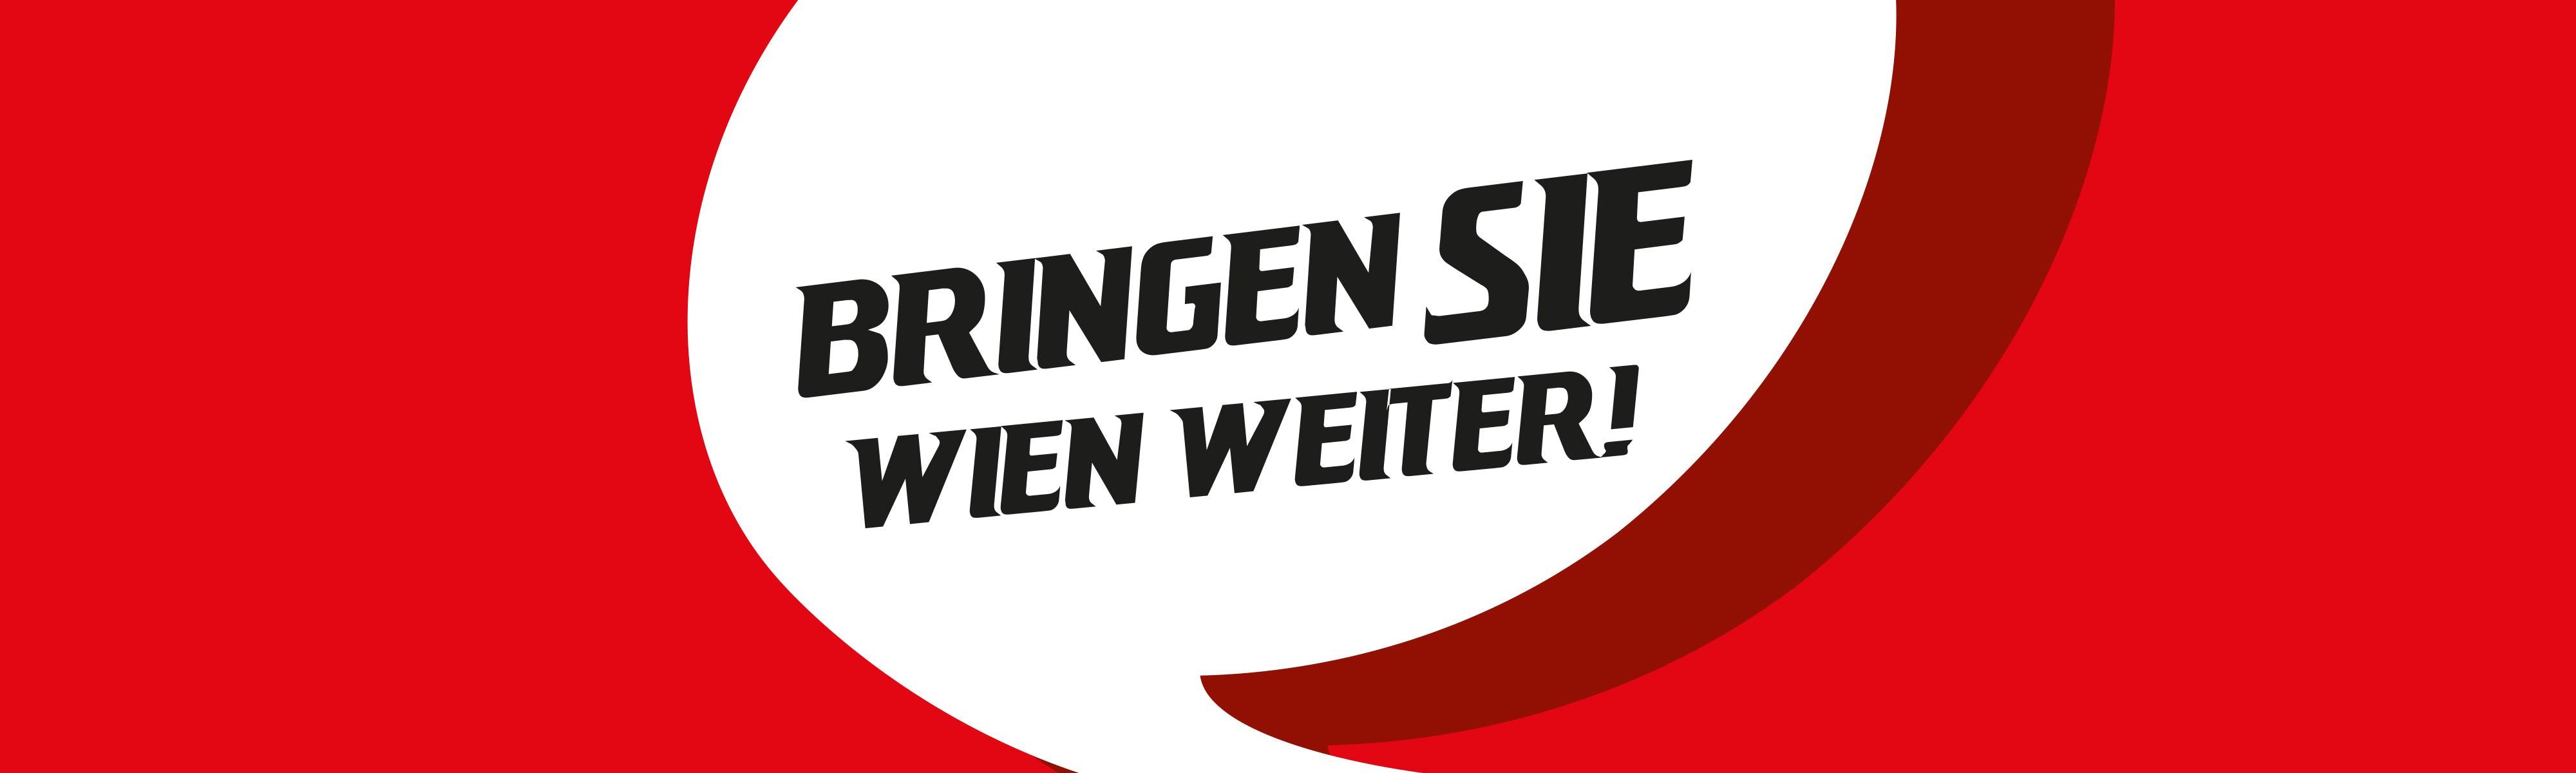 Wiener Linien Unternehmenseinblicke Videostories Jobs Whatchado